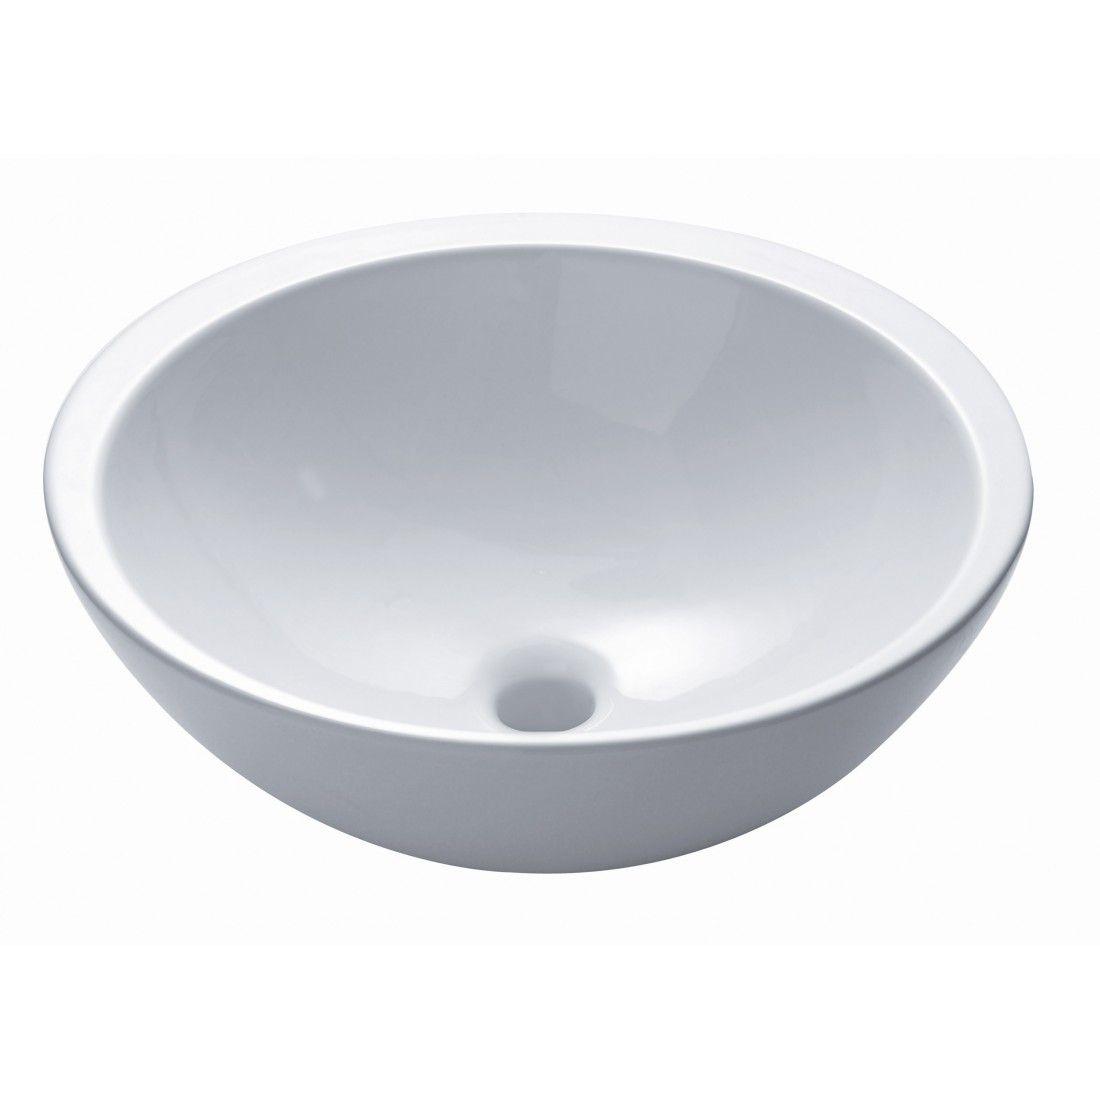 Vasque à poser ronde 47 cm en céramique modèle soleil single